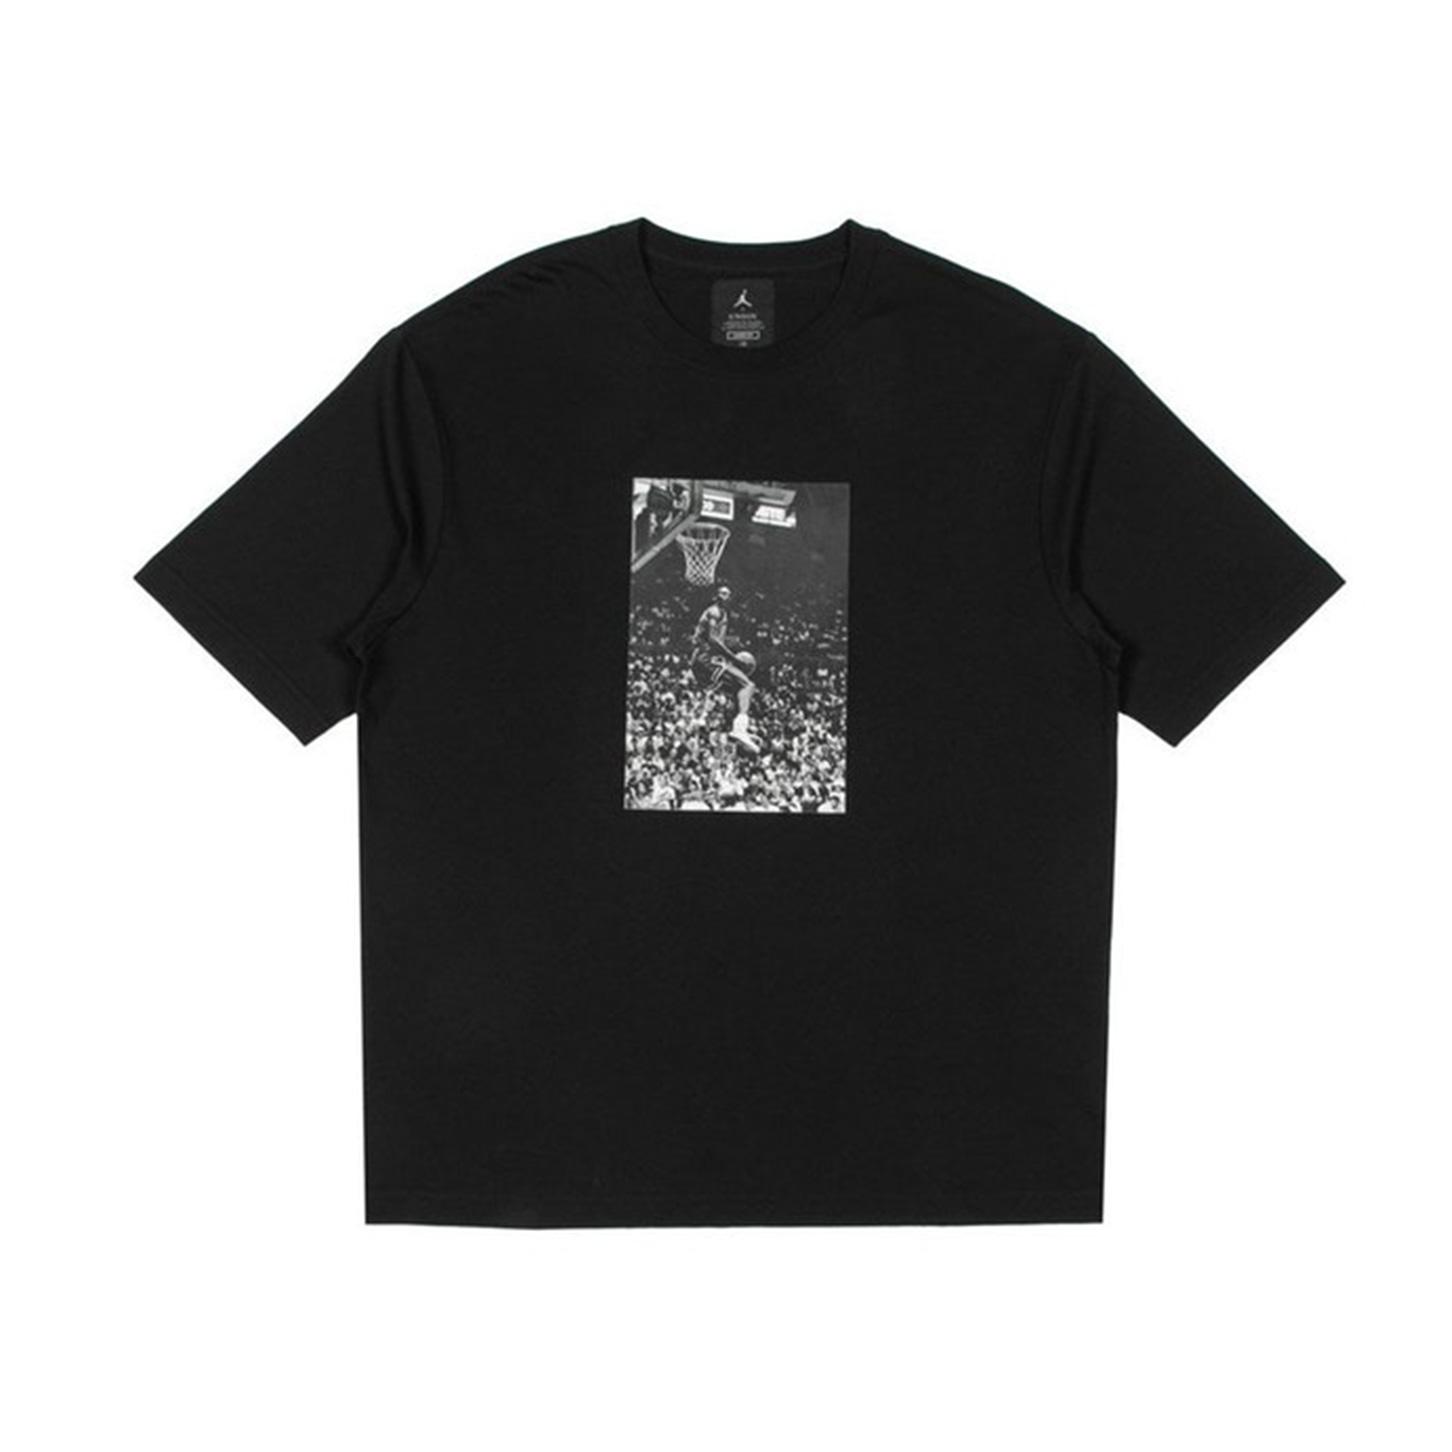 Jordan x Union Reverse Dunk T-Shirt Black